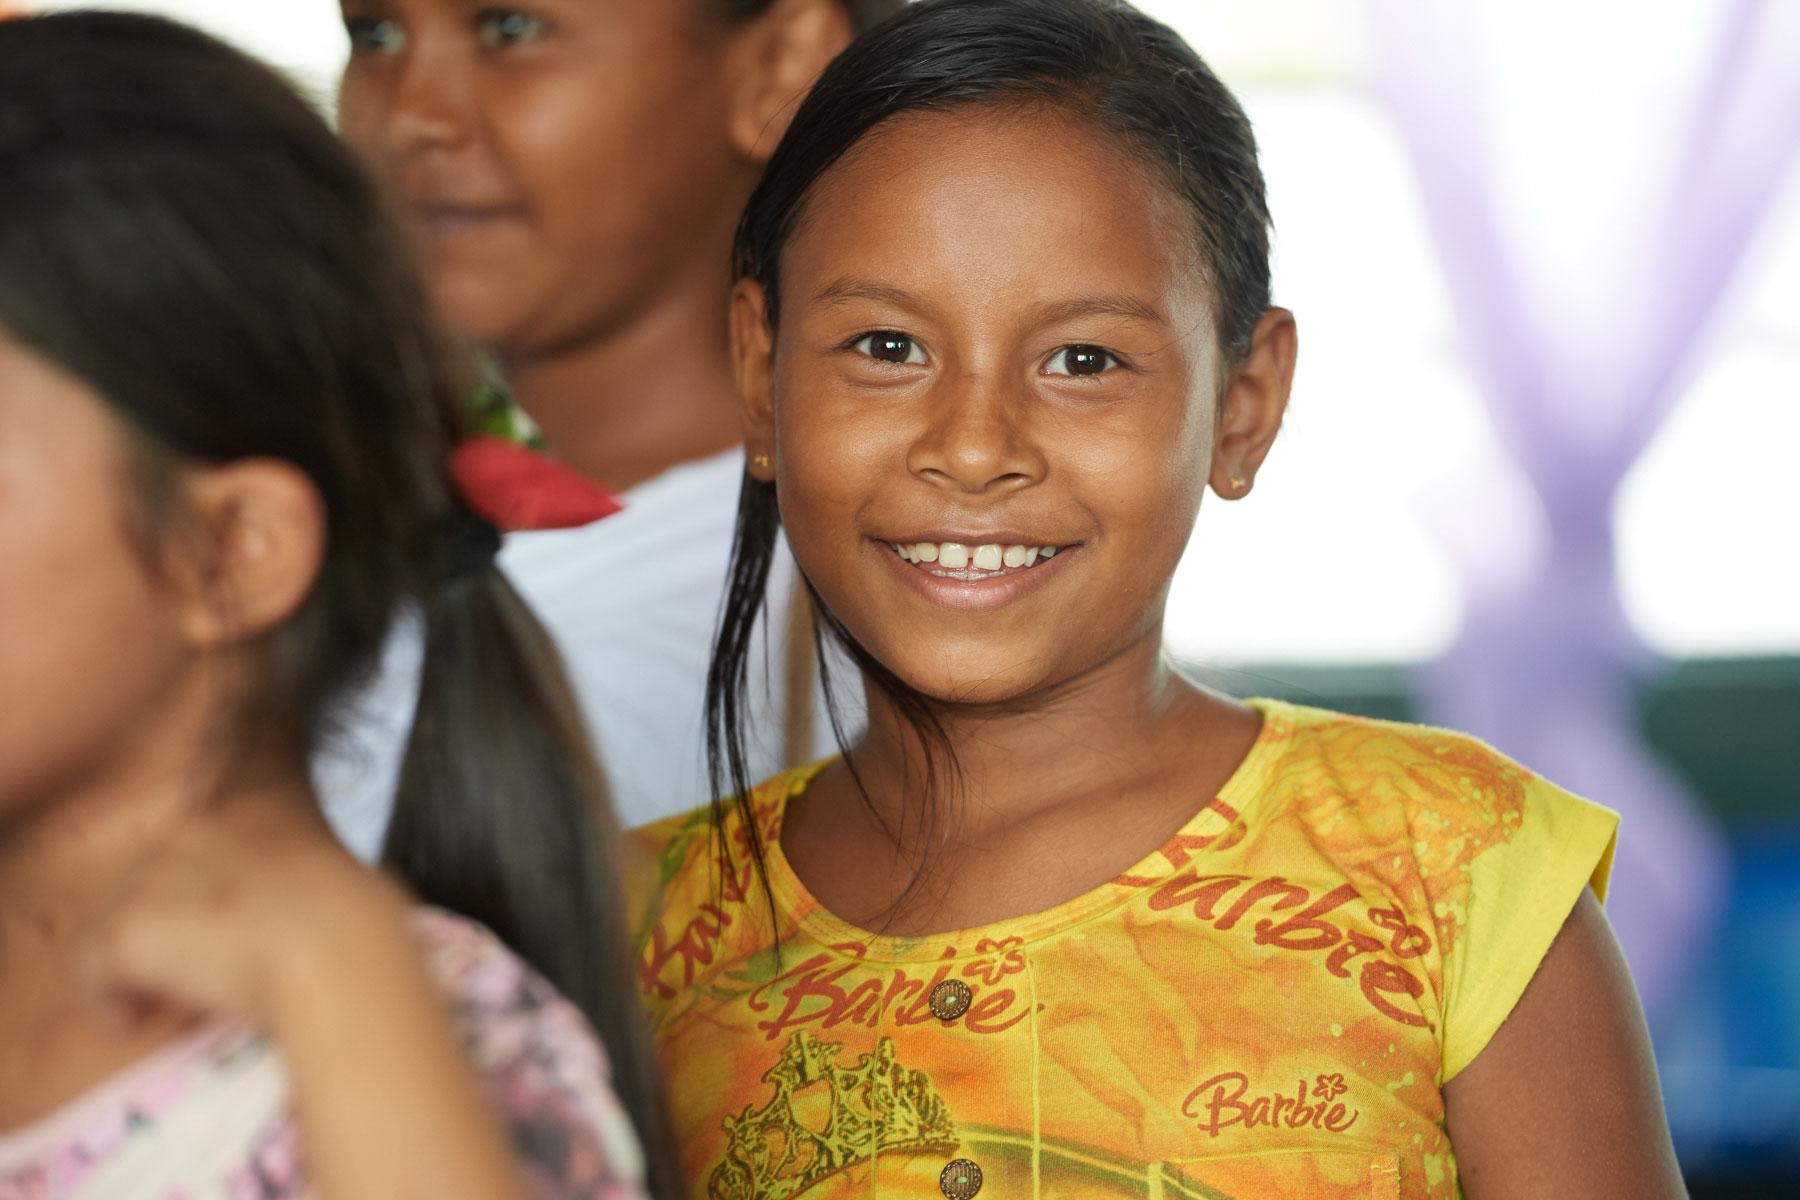 Portrait einer brasilianischen Schülerin, die freundlich in die Kamera schaut